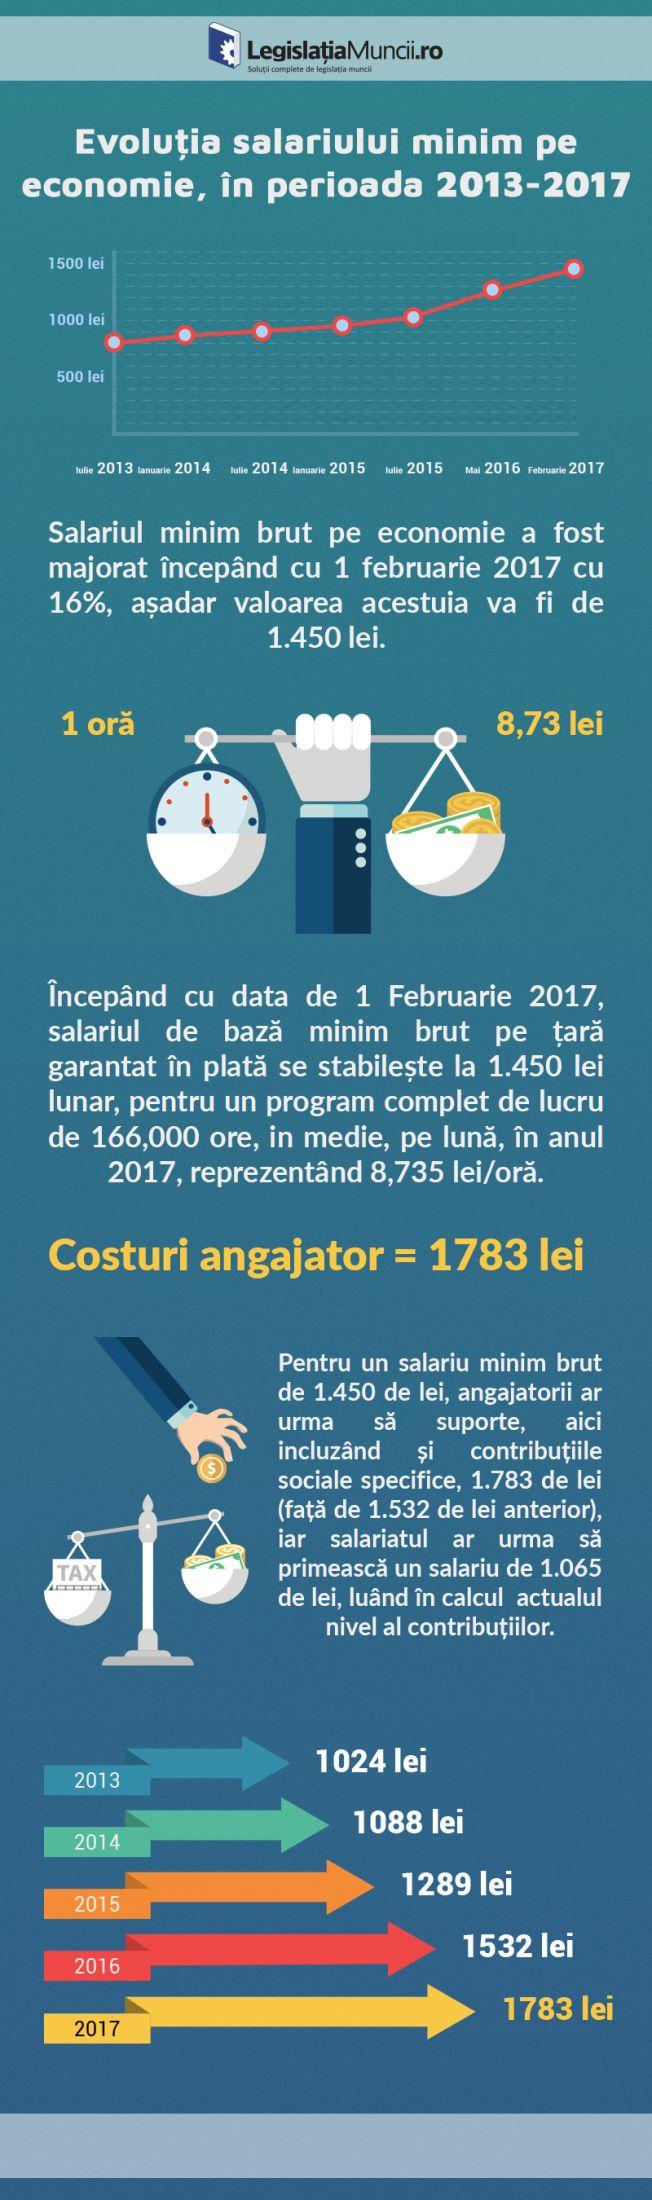 Salariul minim brut pe economie a fost majorat incepand cu 1 februarie 2017 cu 16%, asadar valoarea acestuia este de 1.450 lei.  #salariulminimeconomie #salariulminim